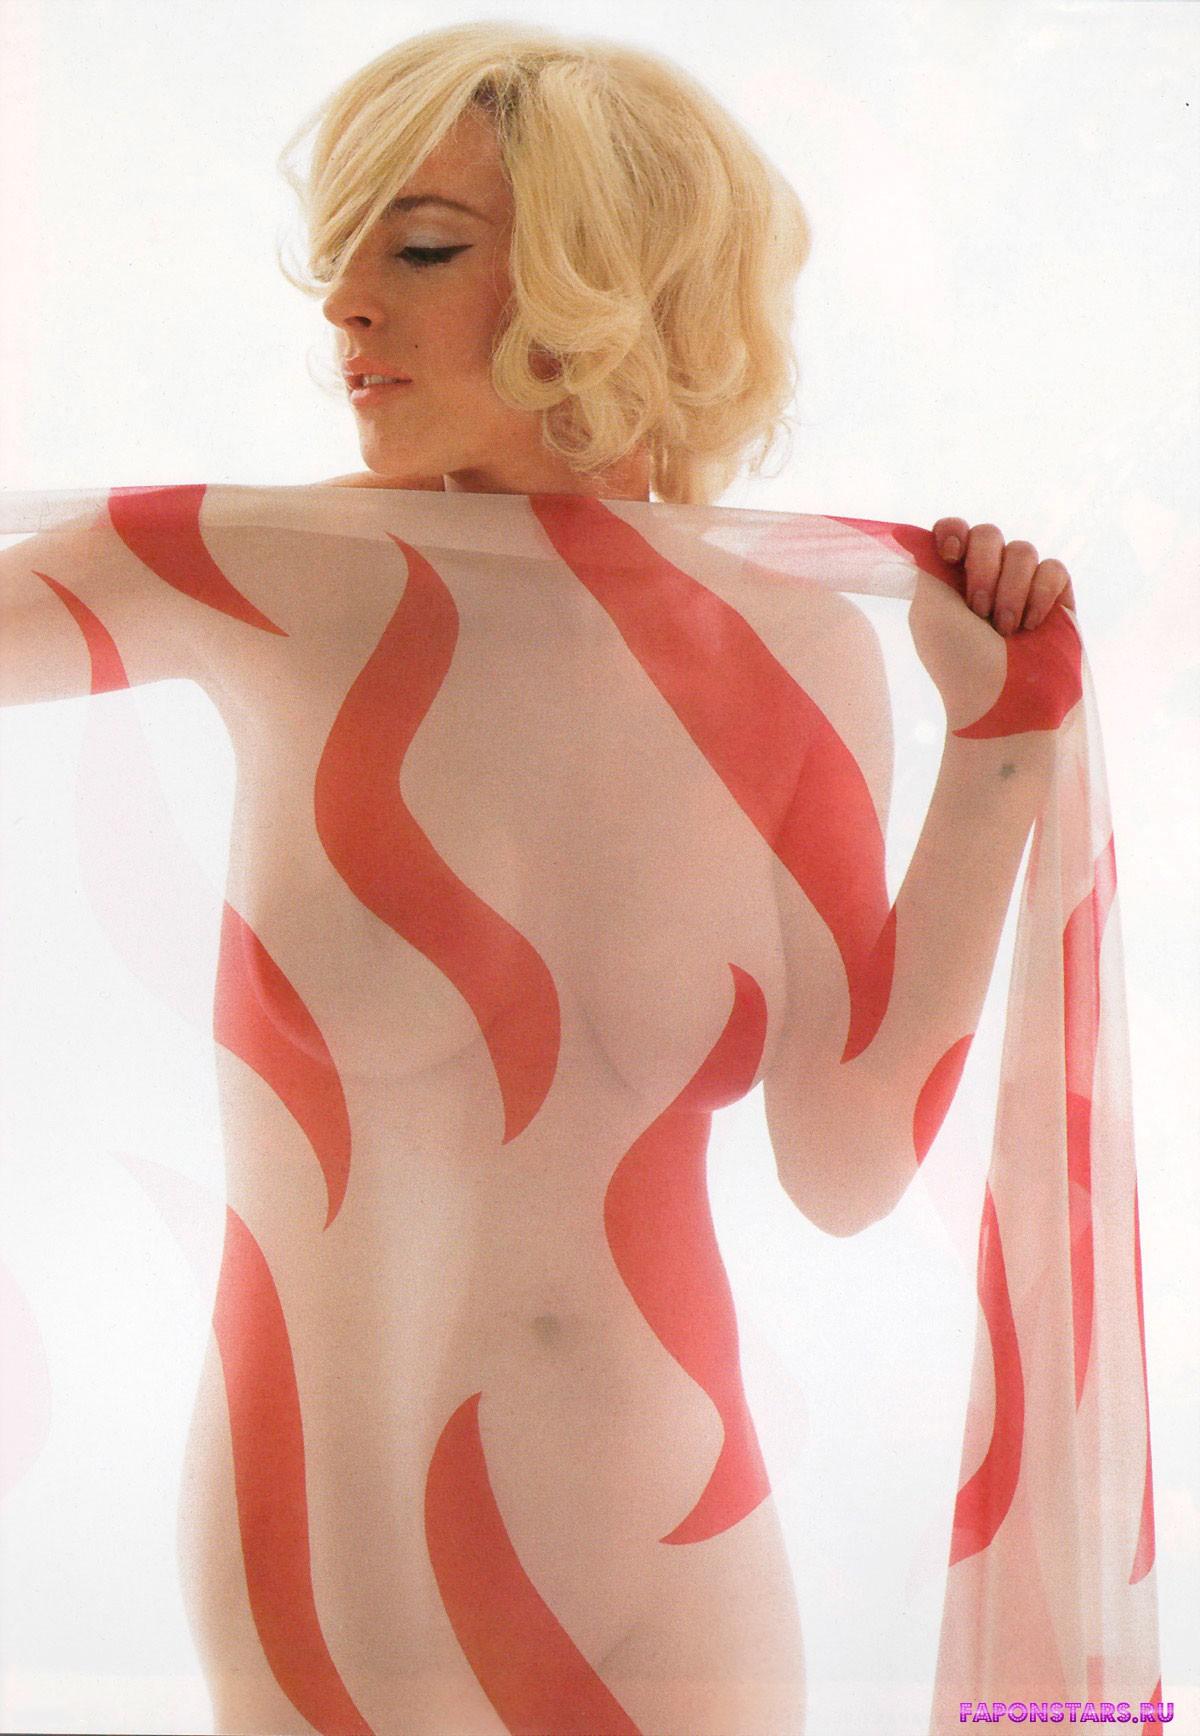 абсолютно обнаженная сексапильная актриса - Линдси Лохан под прозрачной шалью